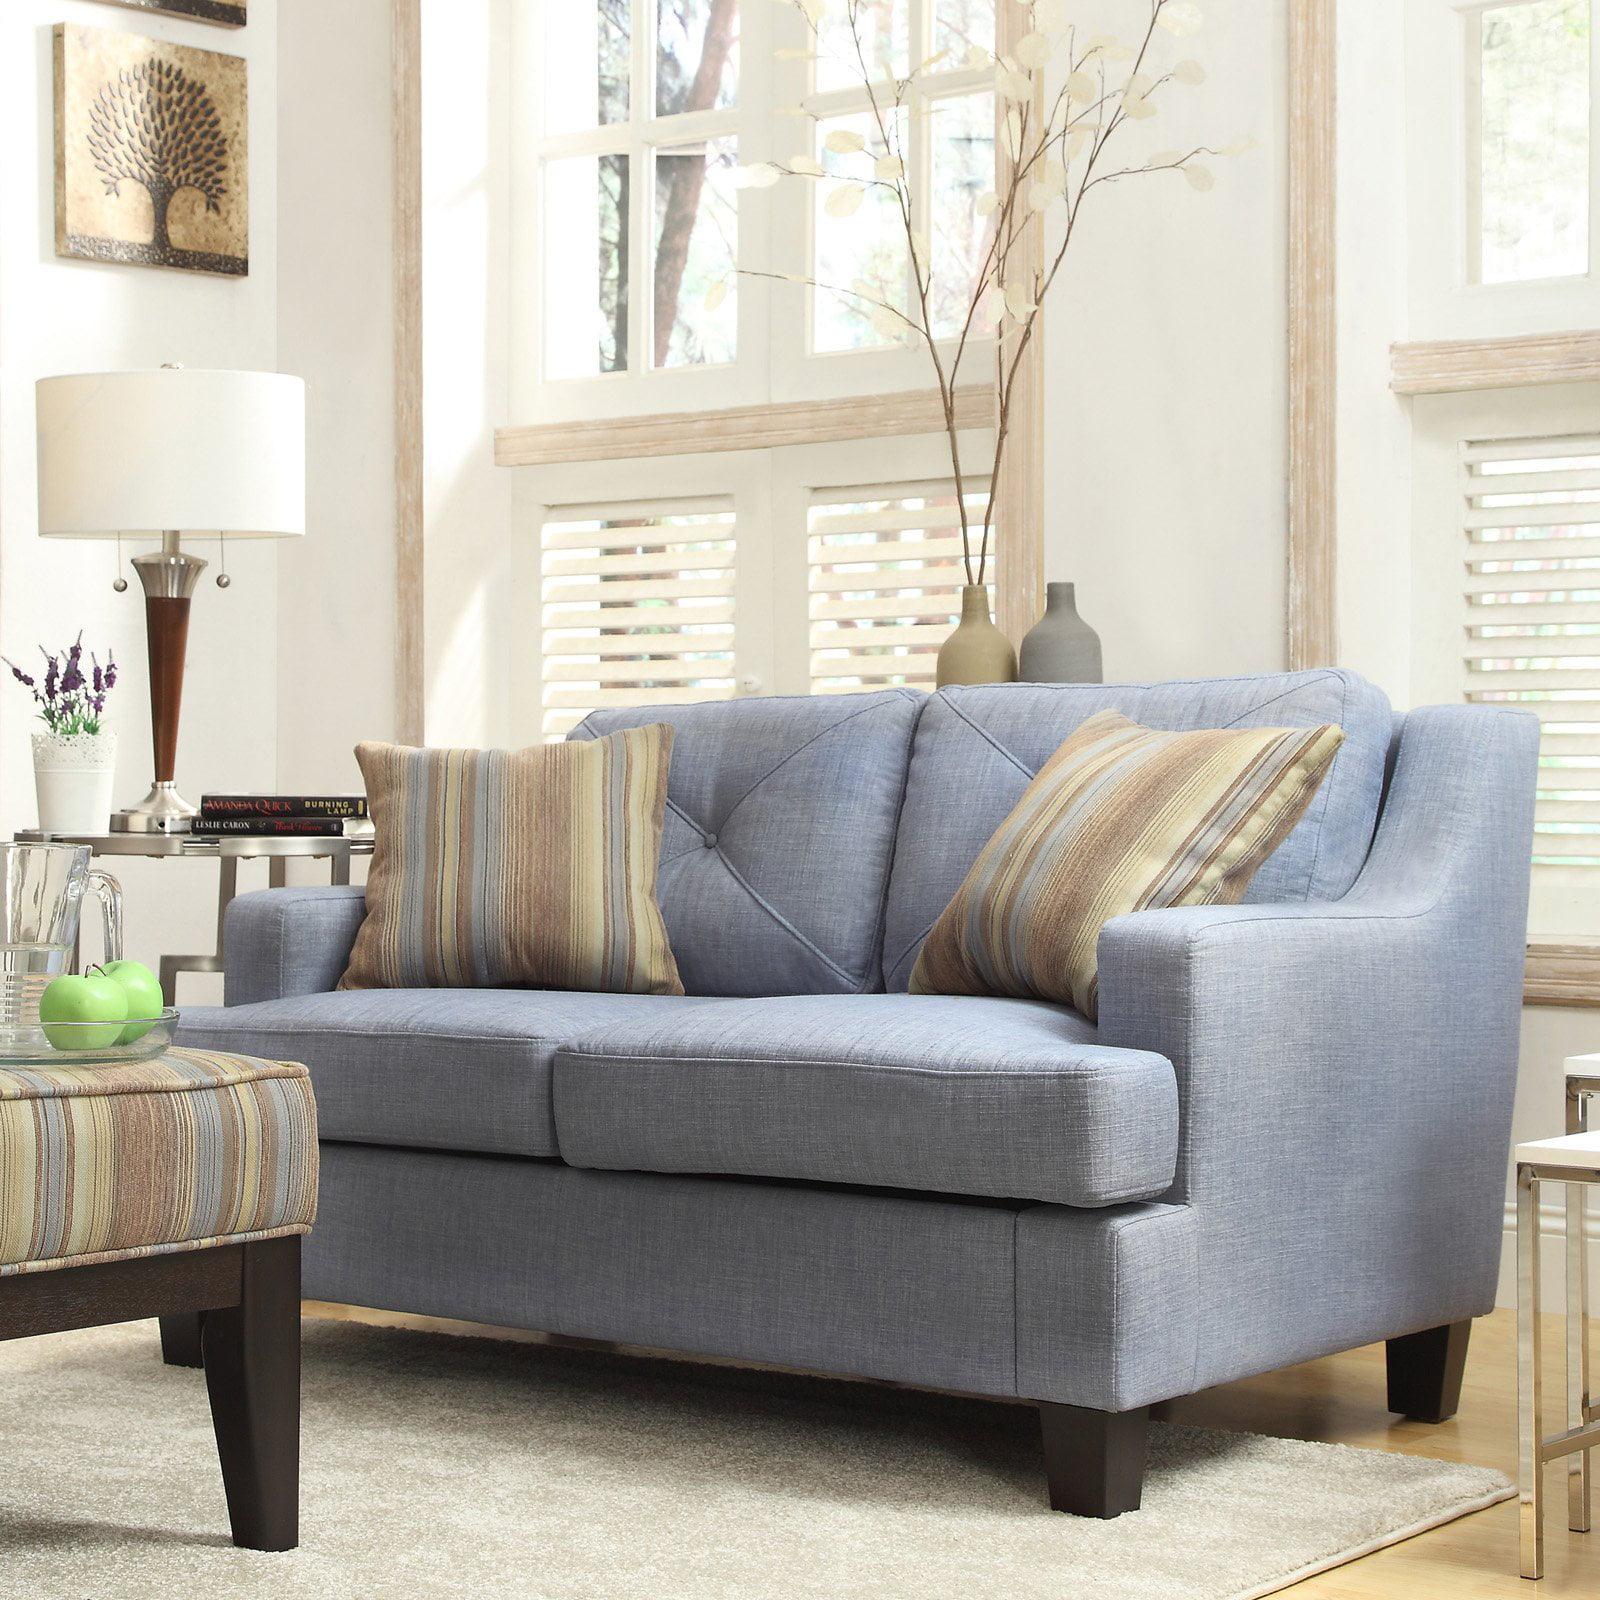 Chelsea Lane Upholstered Loveseat - Blue